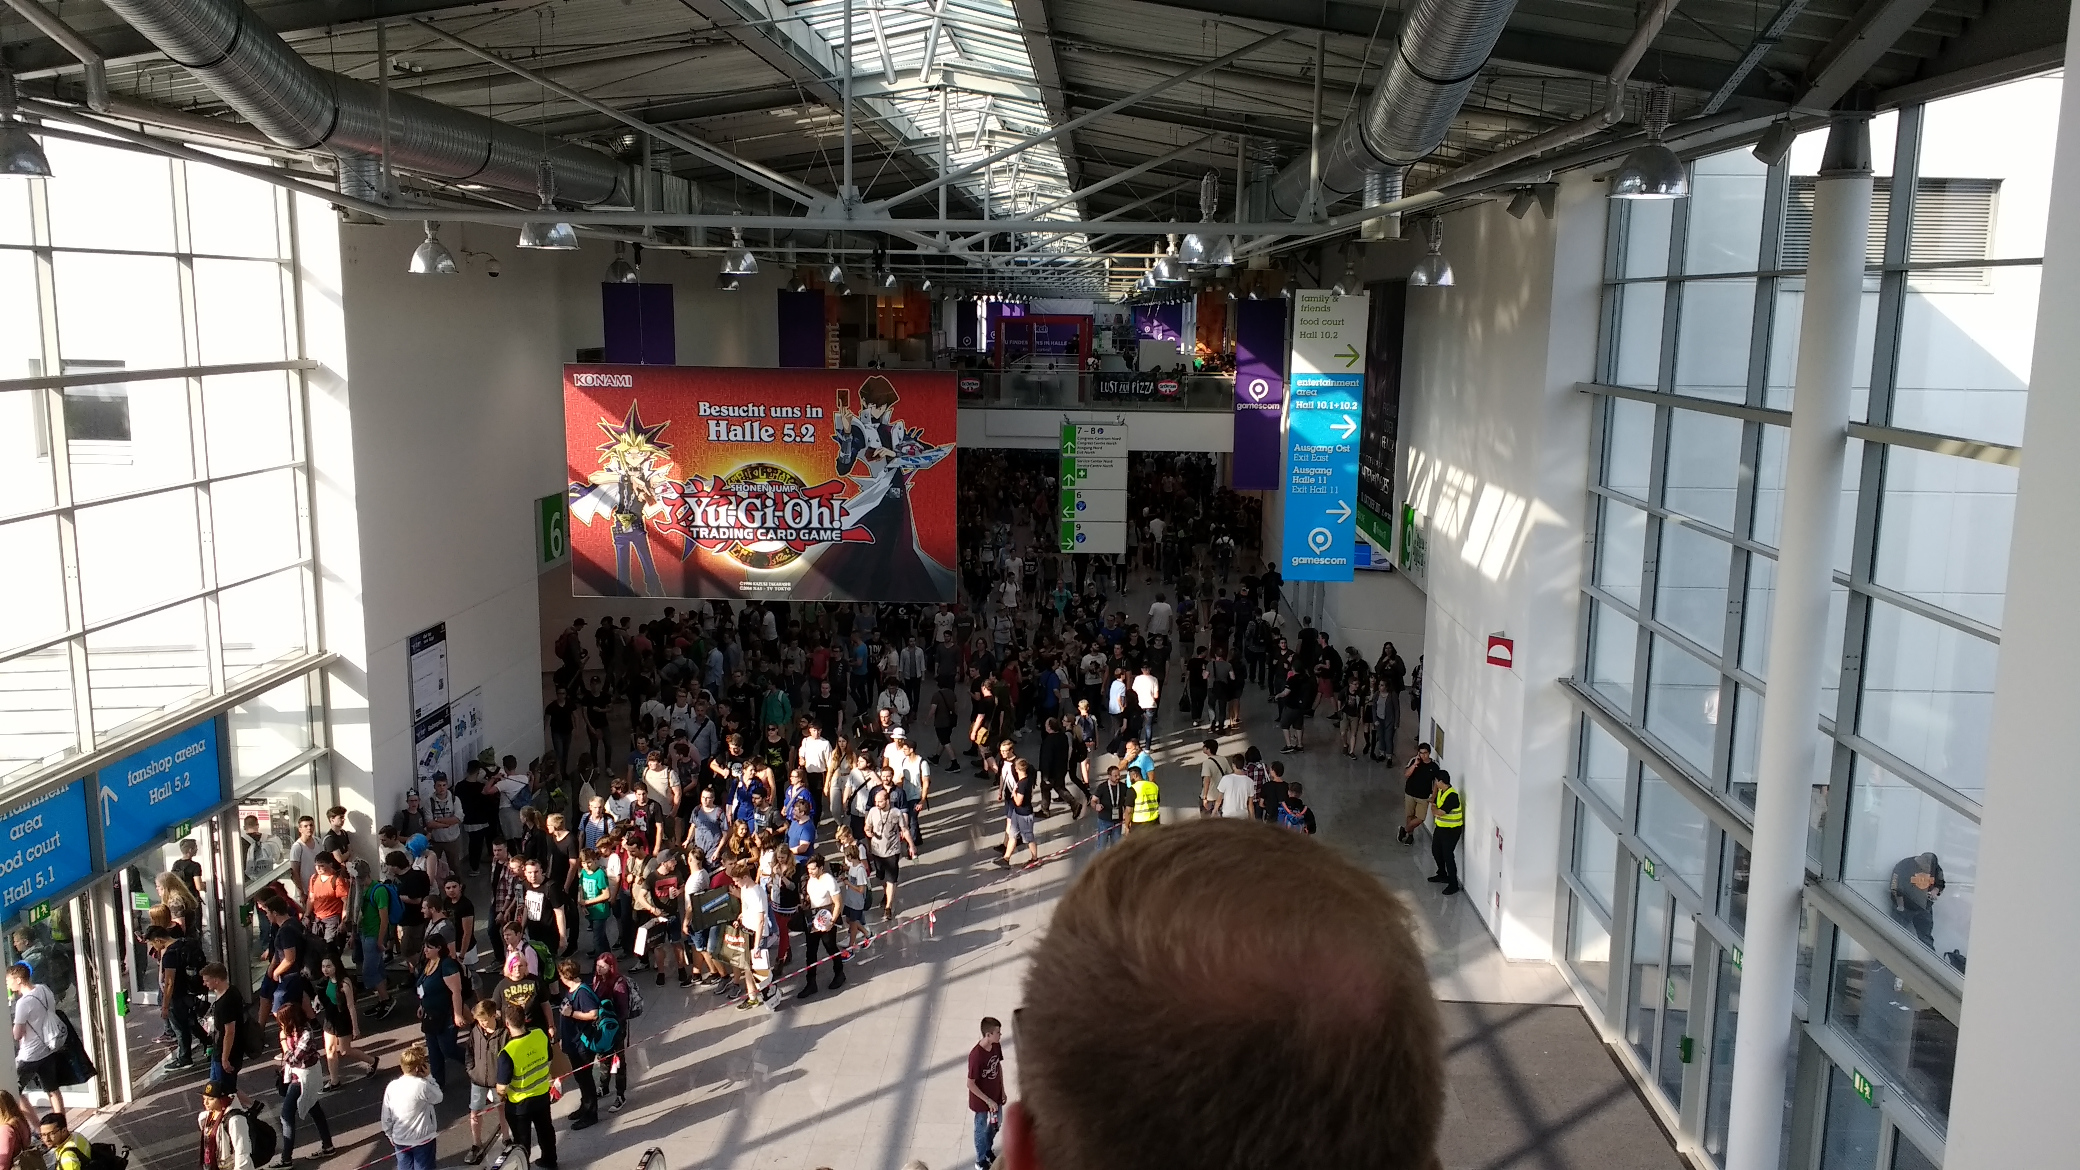 Boulevard der Kölnmesse mit vielen Menschen